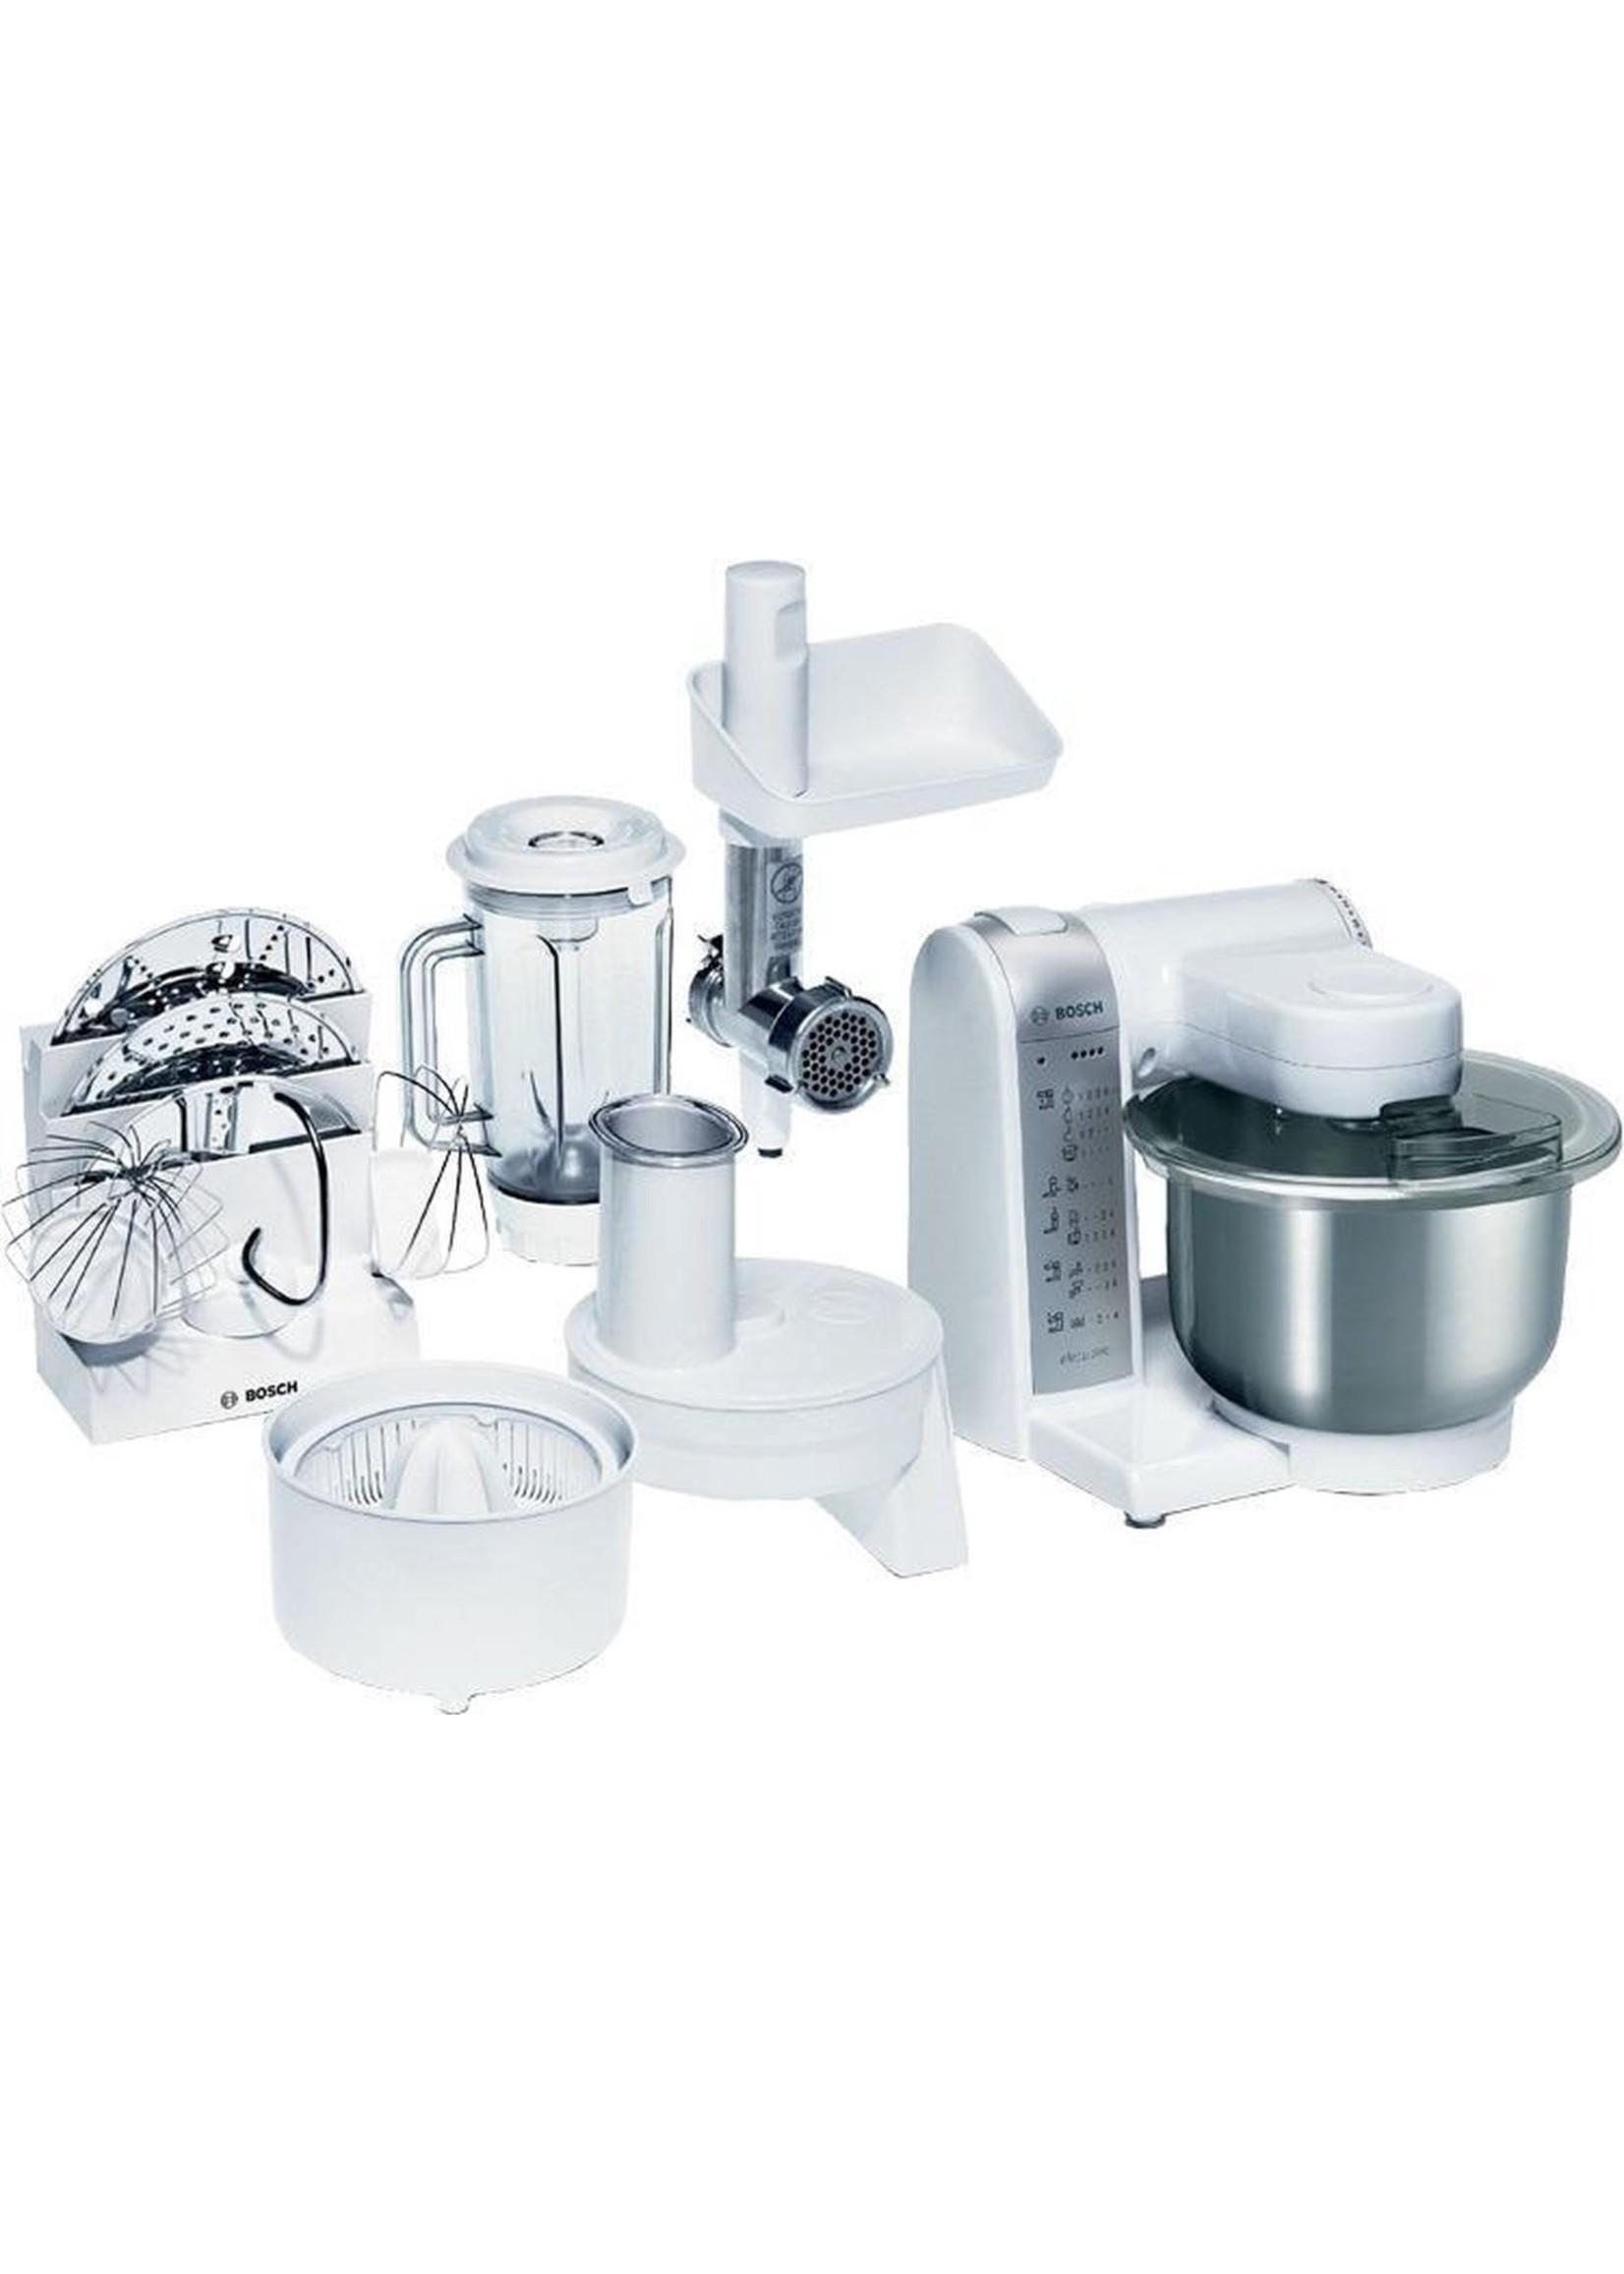 Bosch Bosch MUM4880 - Keukenmachine - Wit koopjeshoek